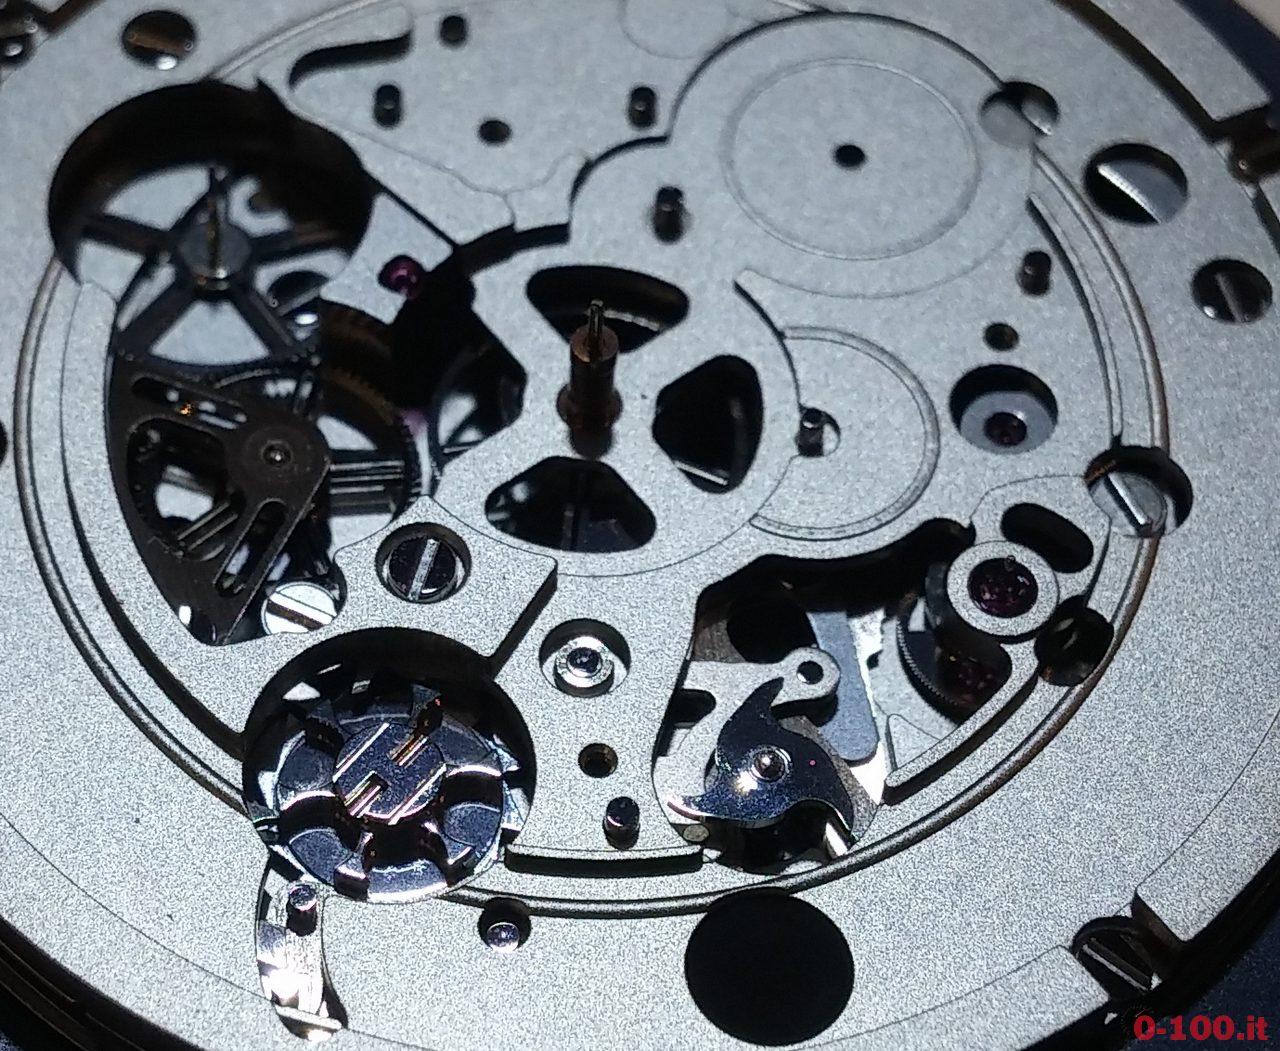 hublot-big-bang-ferrari-titanio-limited-edition-ref-402-nx-0123-wr-prezzo-price_0-1005